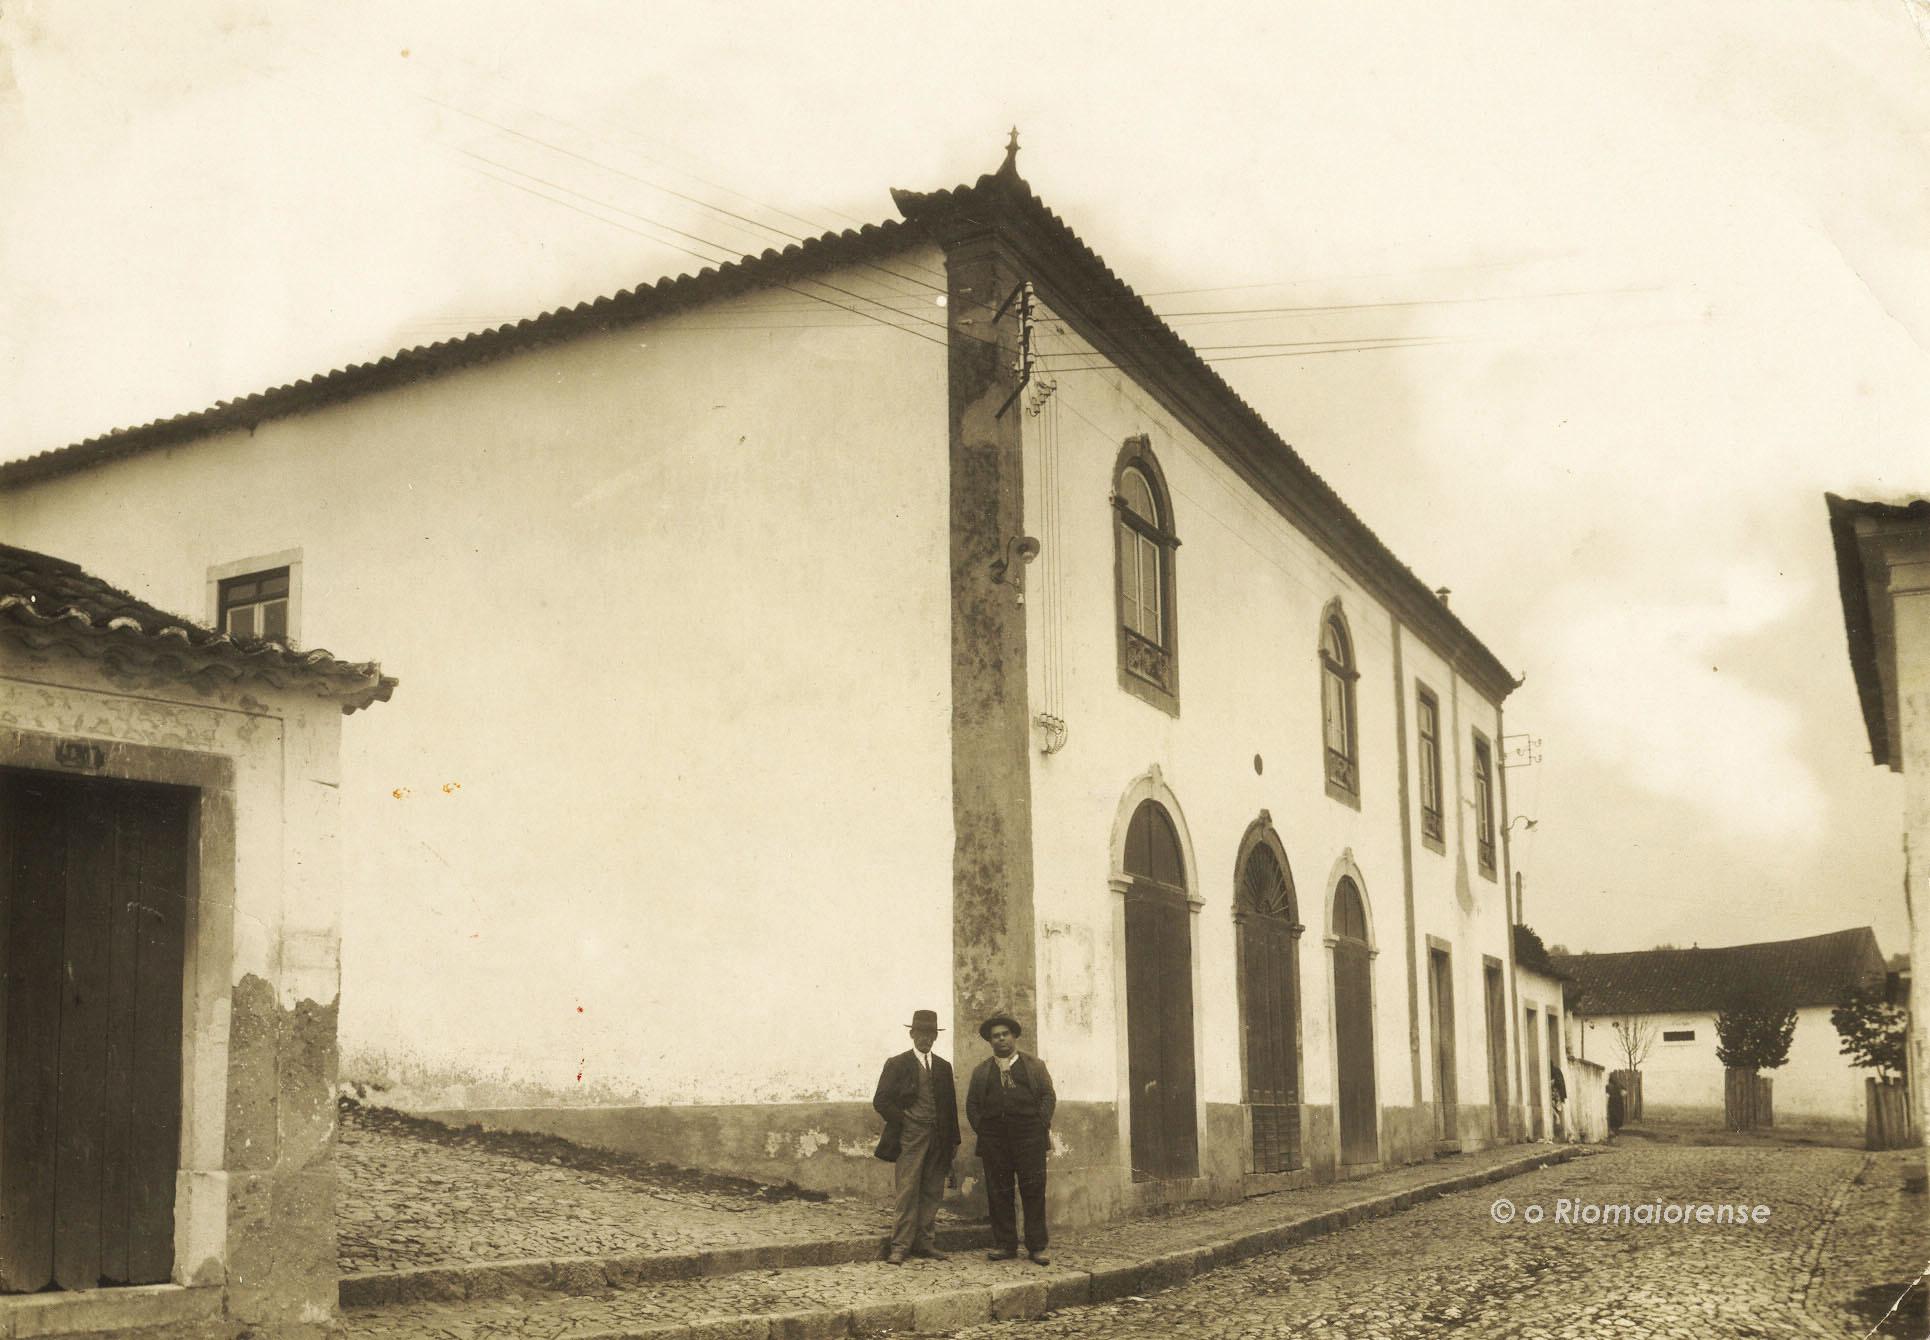 Lembrando o Teatro em Rio Maior